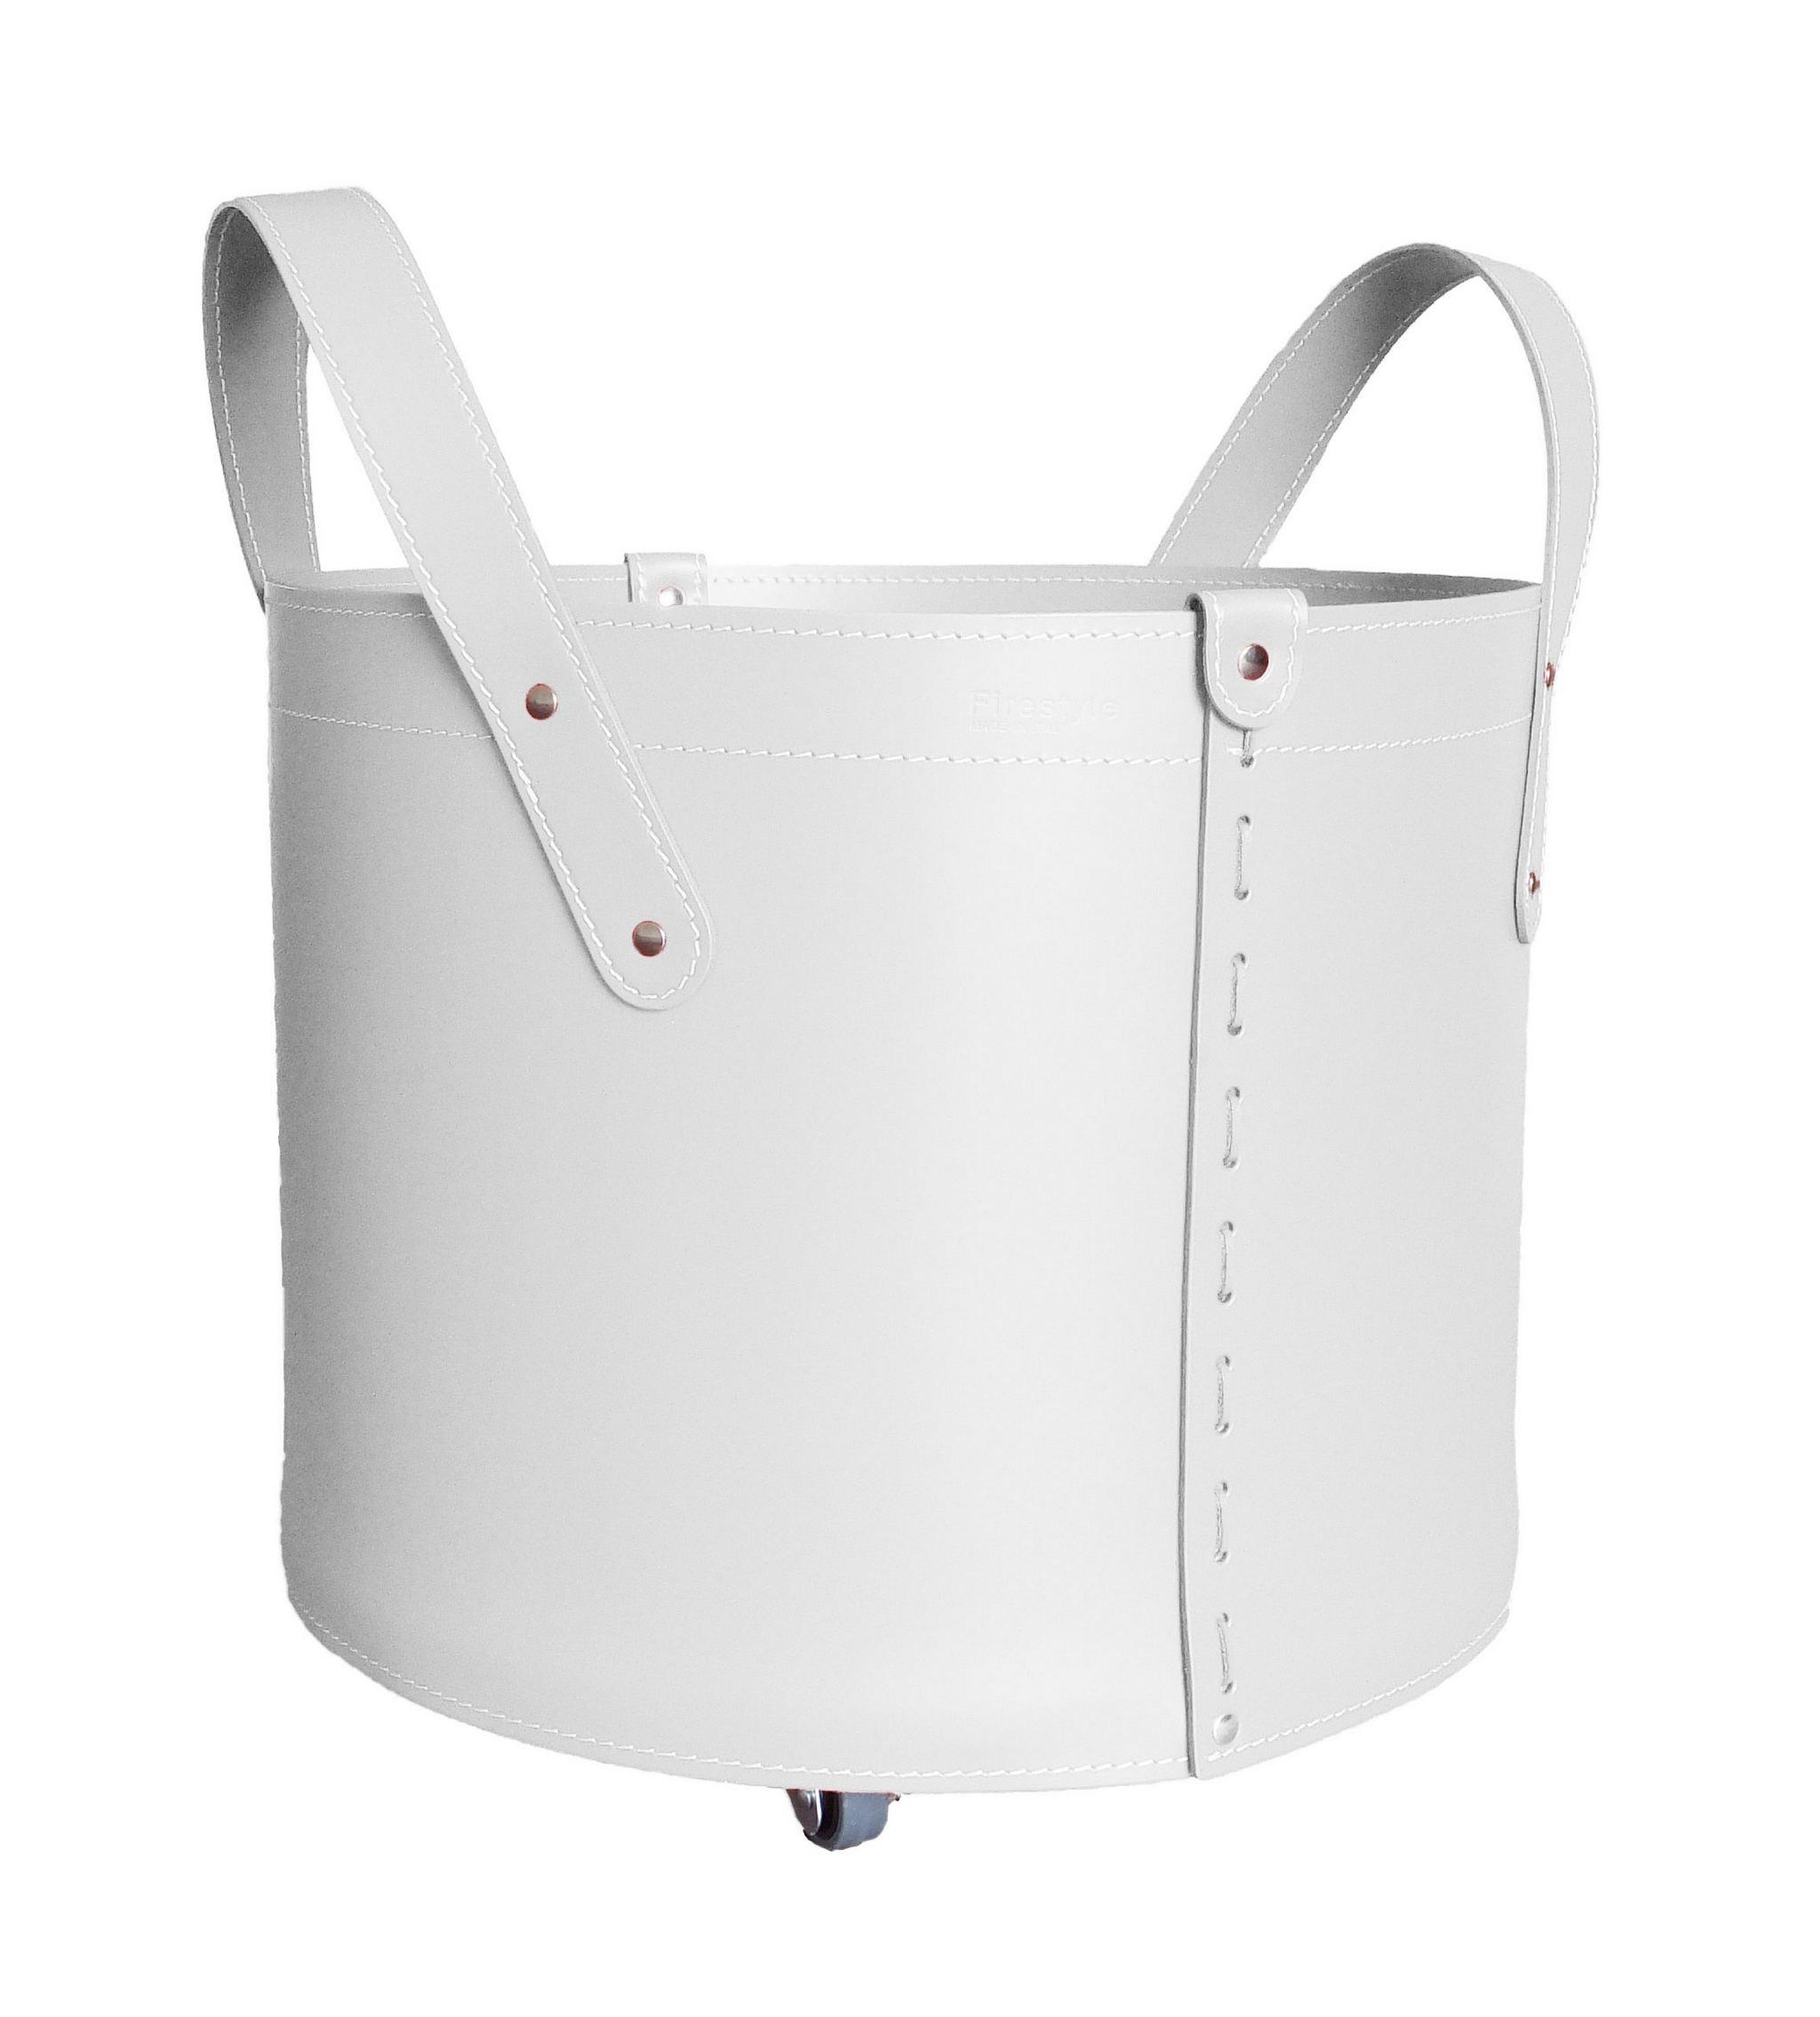 Camino Per La Casa tonda mini: portalegna in cuoio colore bianco, contenitore